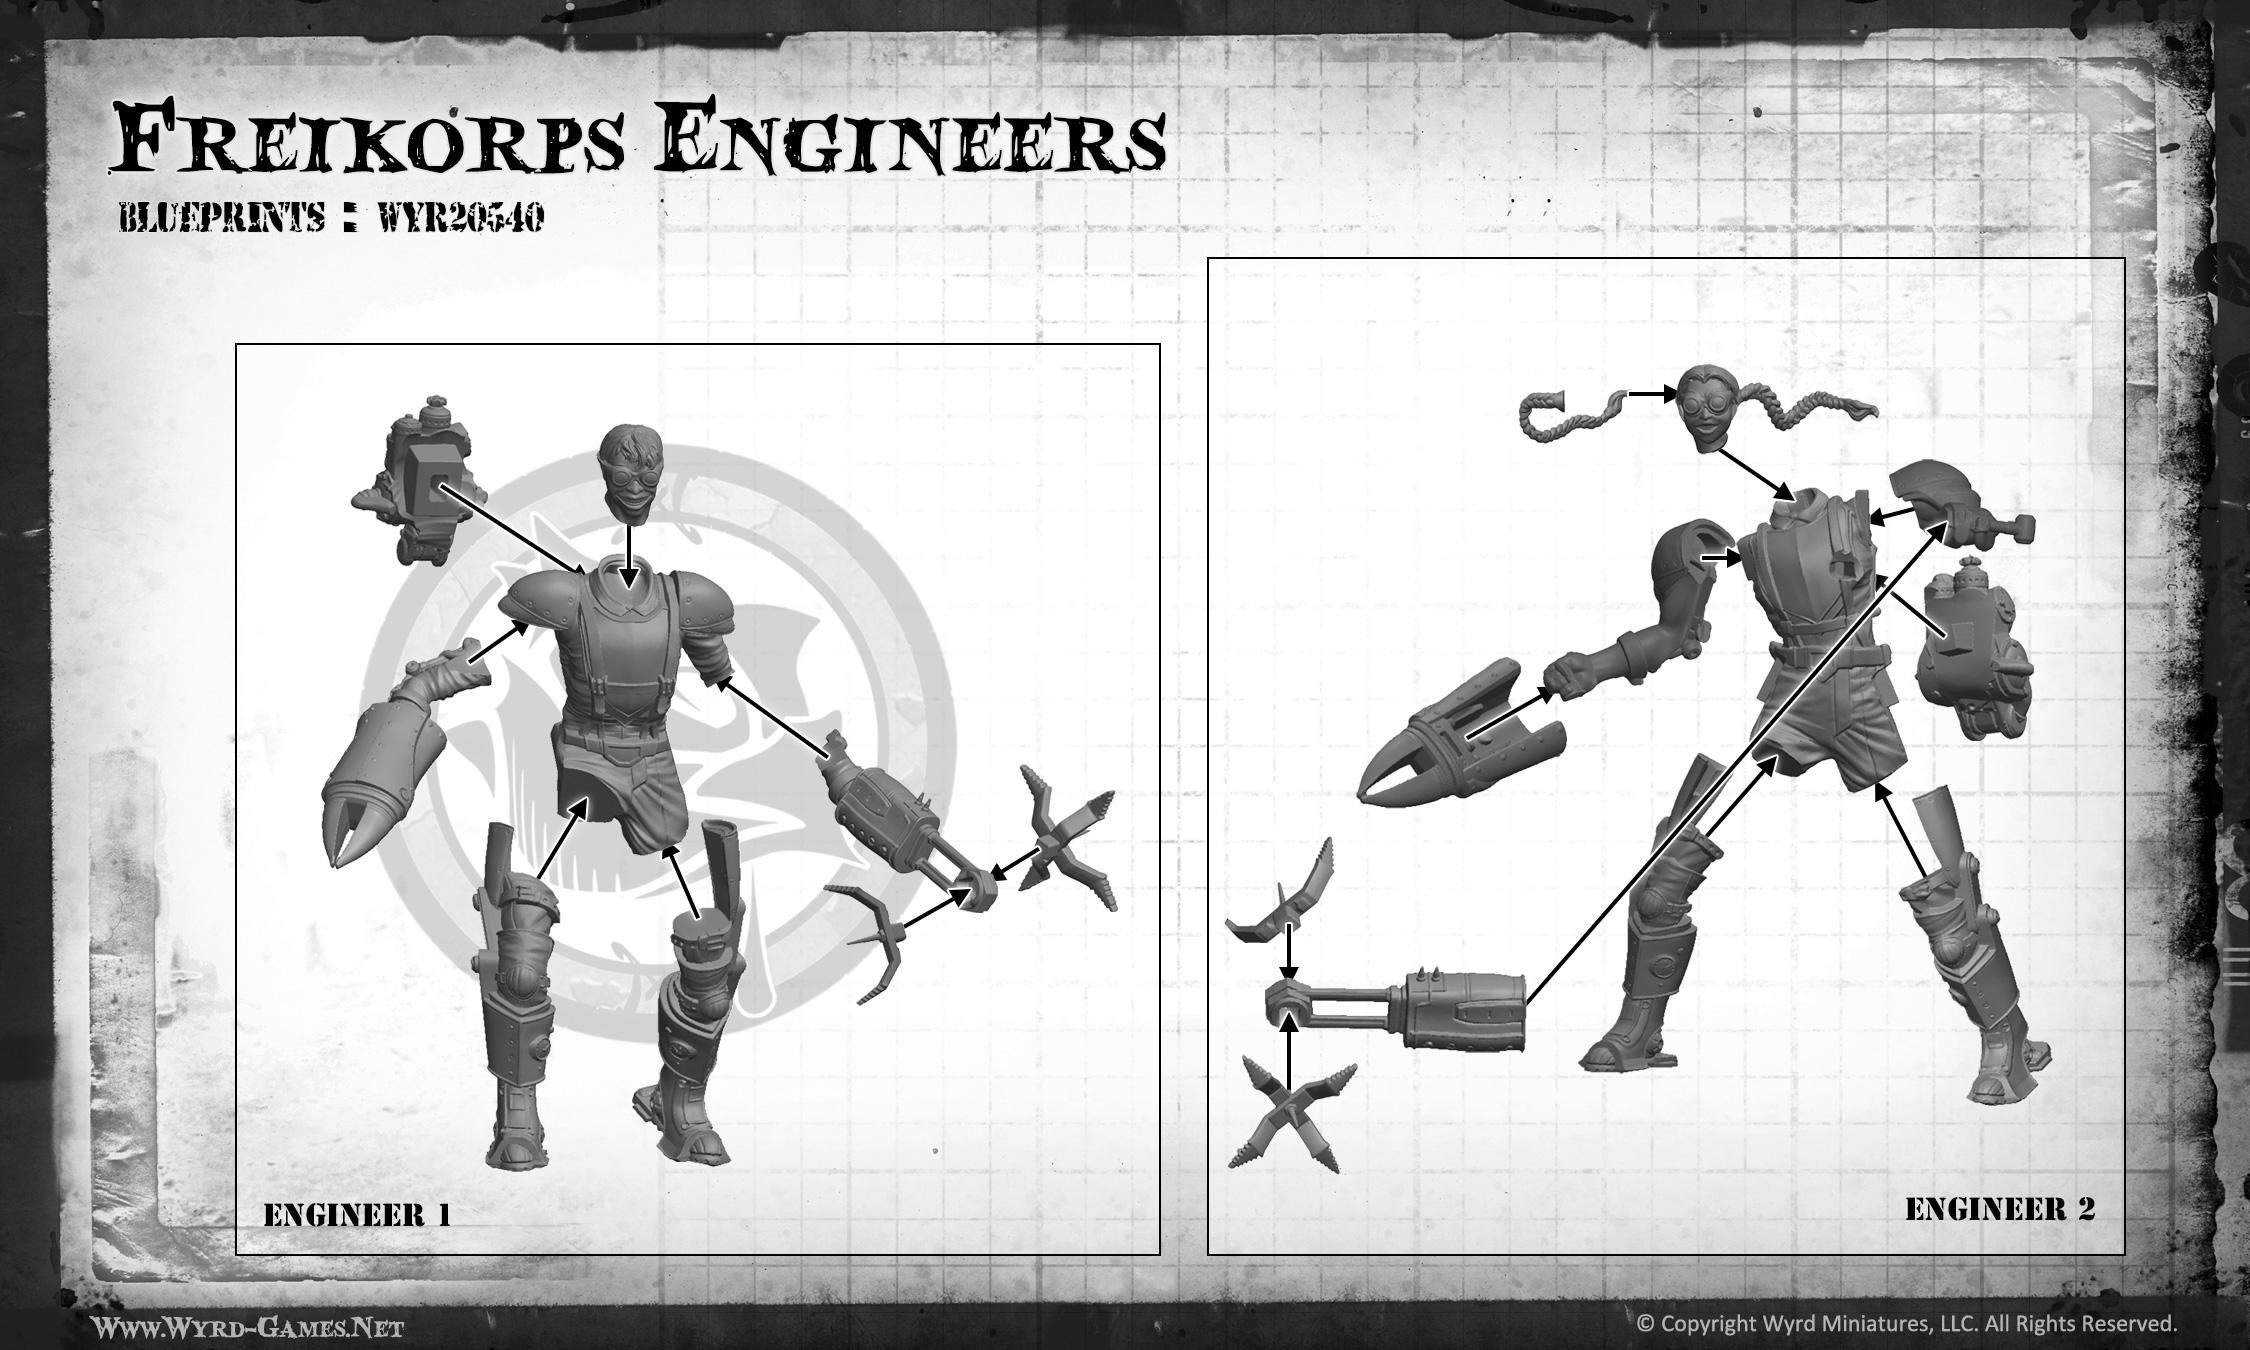 Instruction-WYR20540-Engineers.jpg